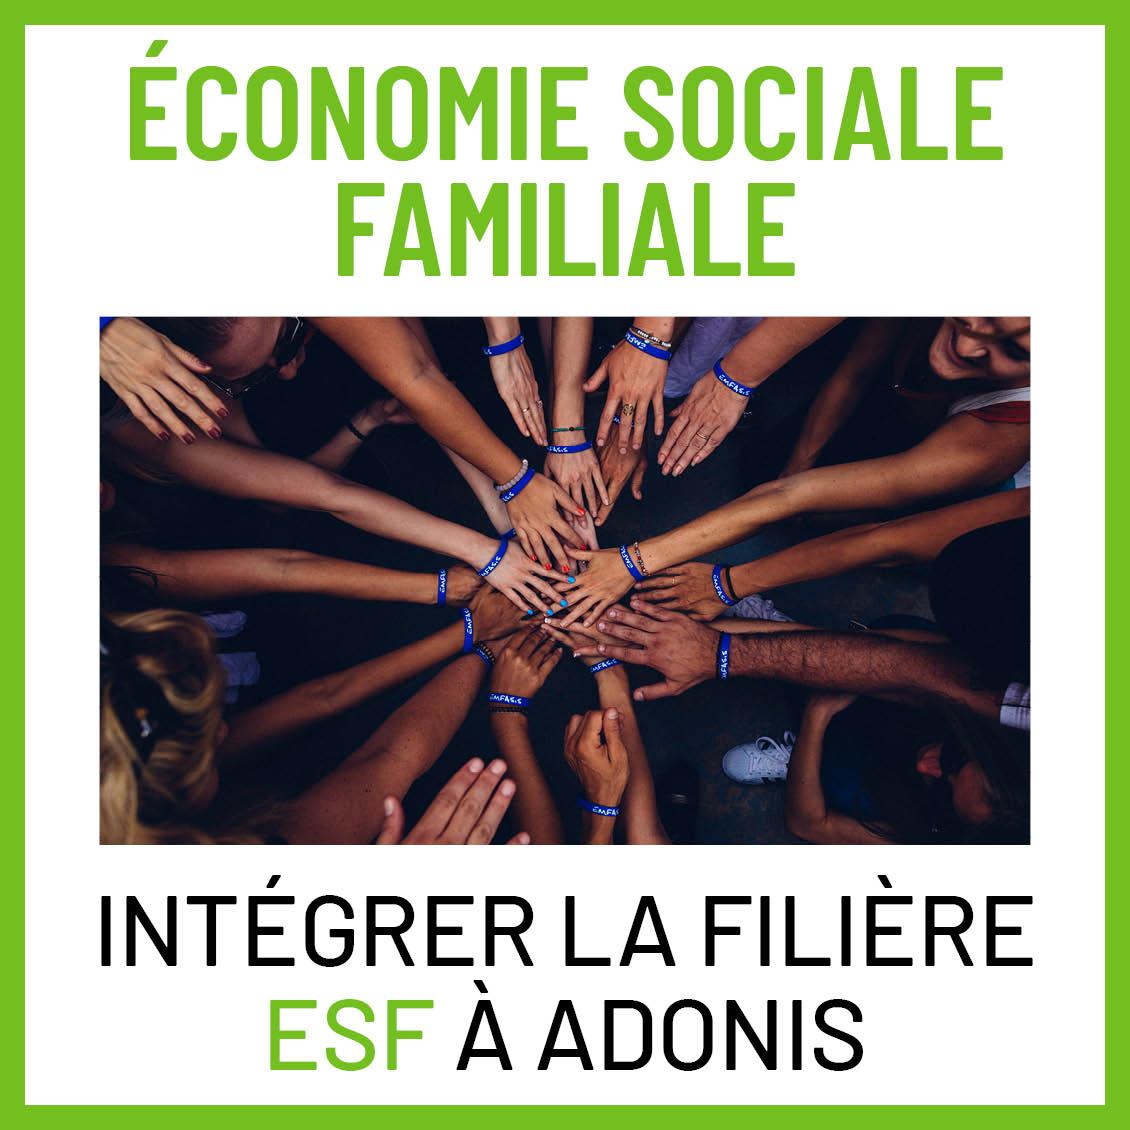 BTS ESF filière sociale ADONIS